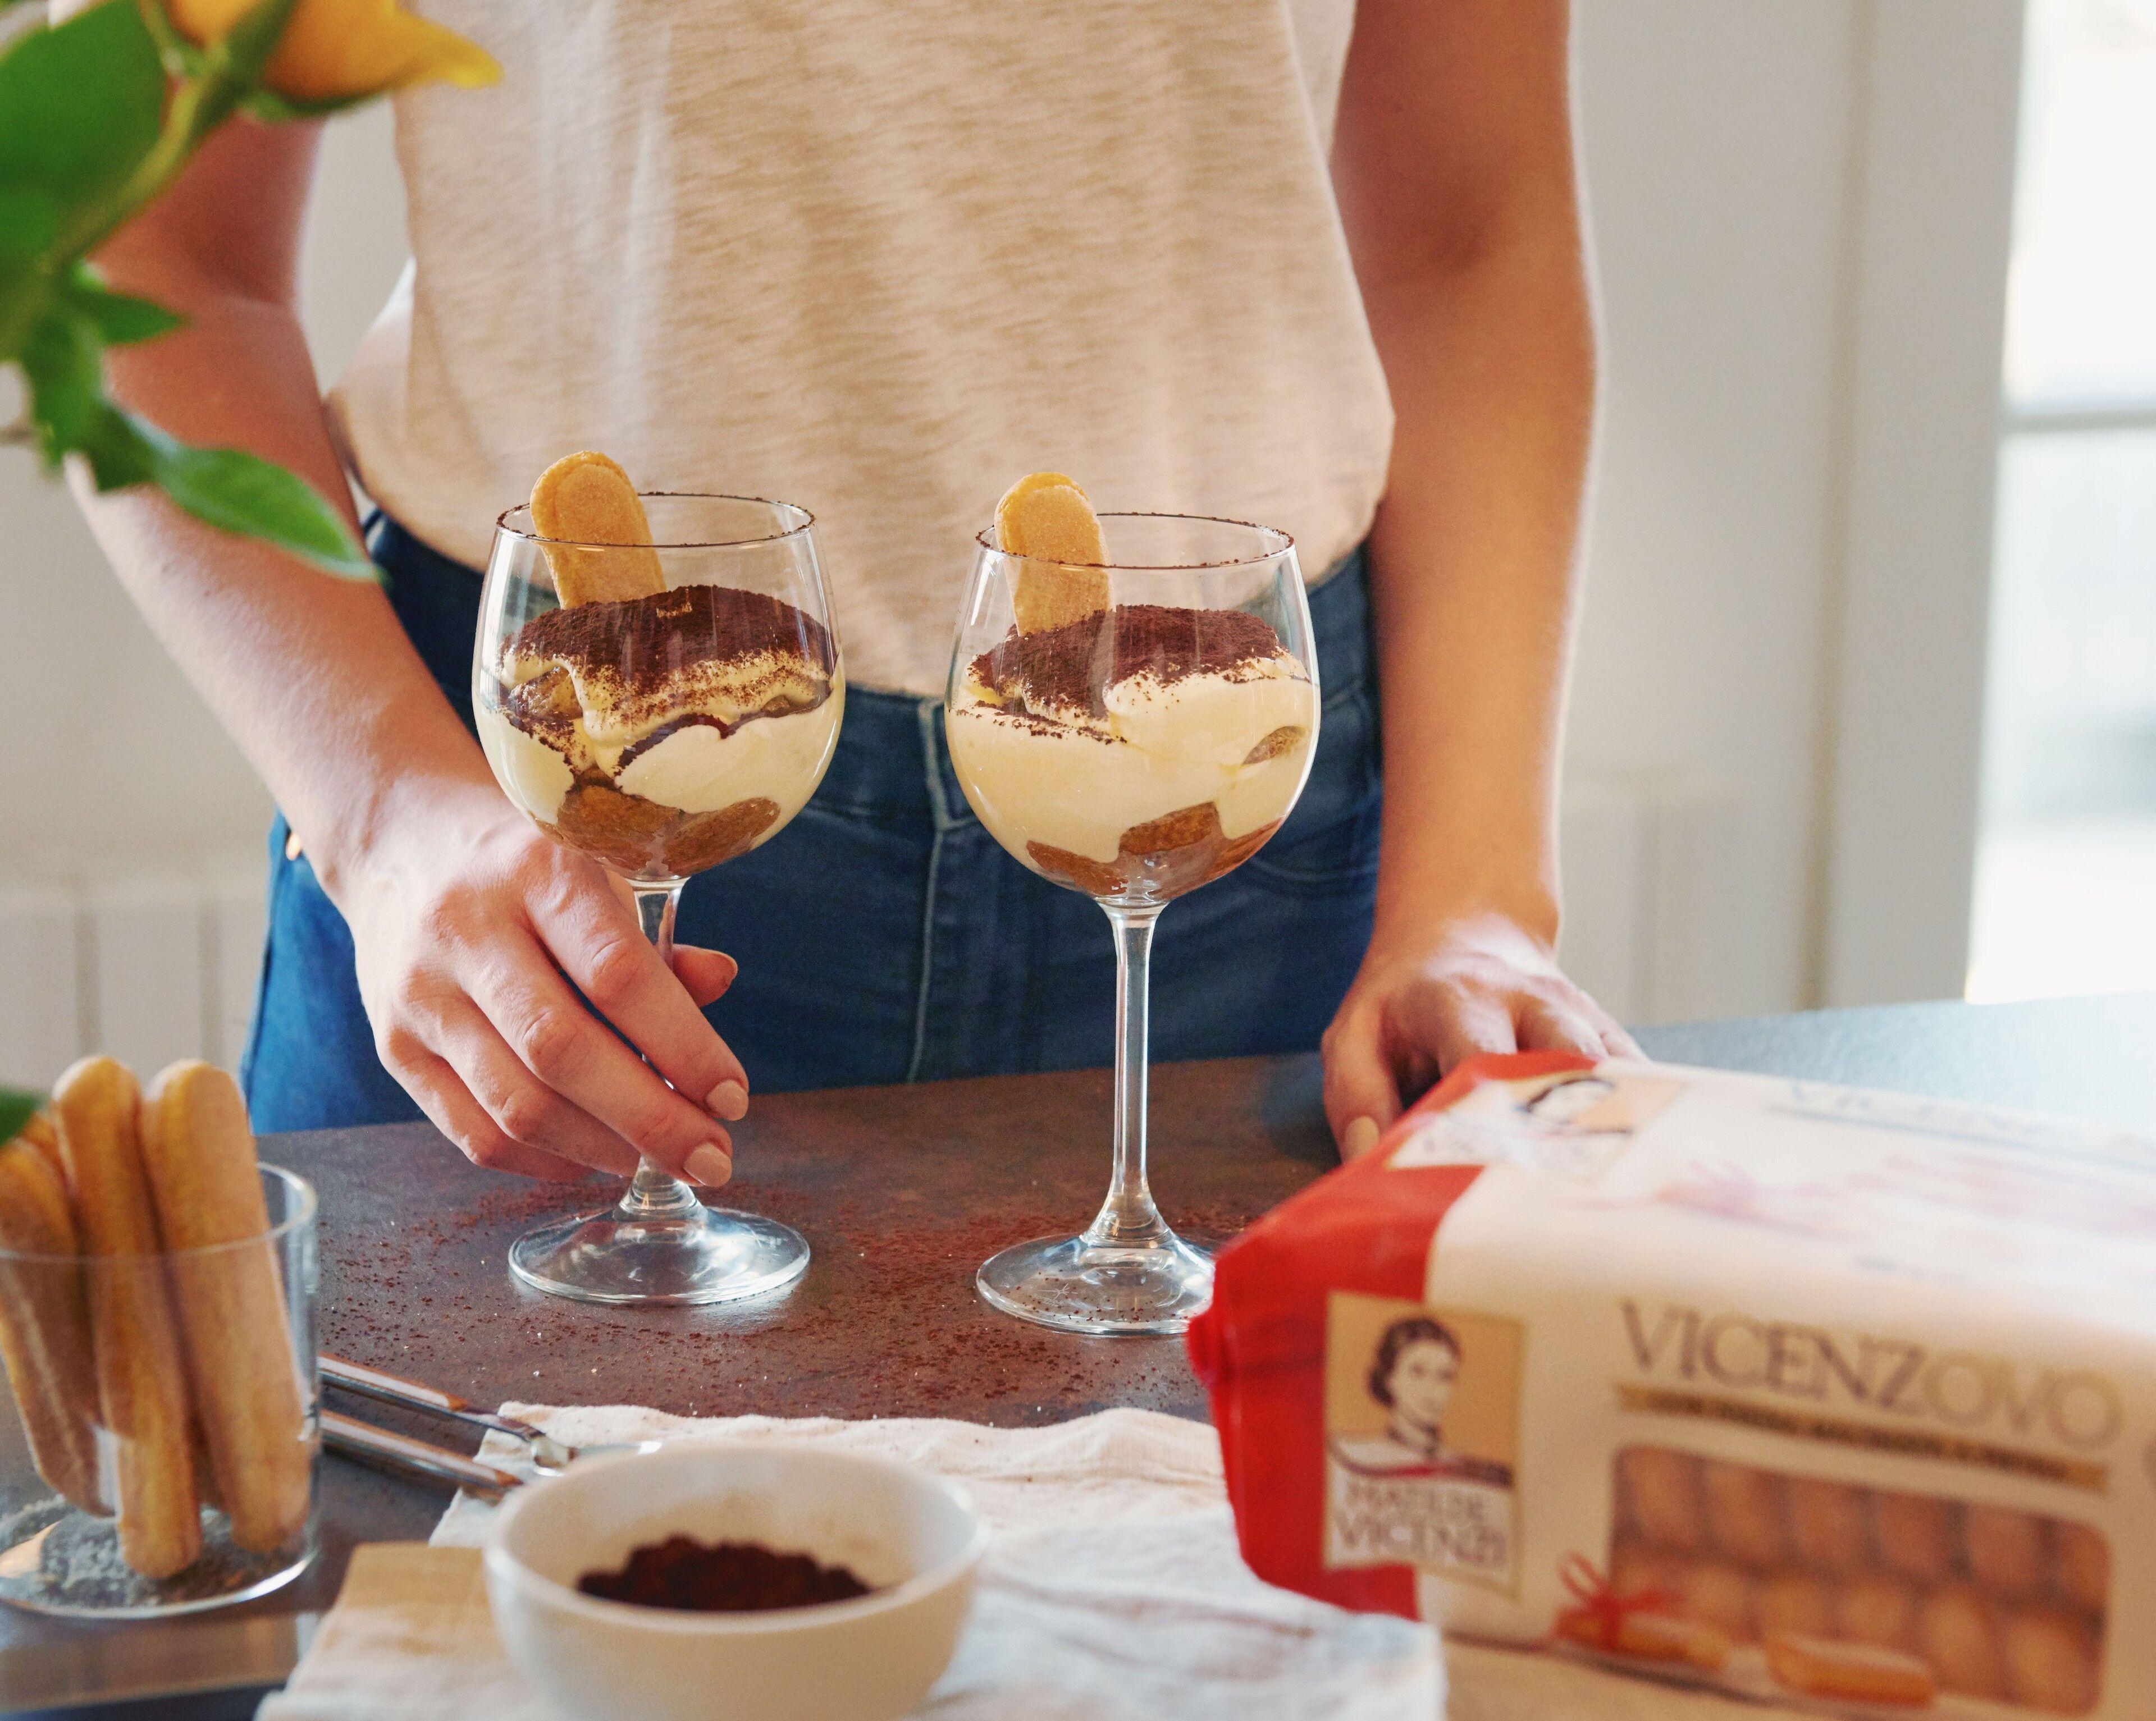 Ricetta Tiramisu In Bicchiere.Tiramisu In Bicchiere Ricetta Golosa Con Savoiardi Vicenzovo